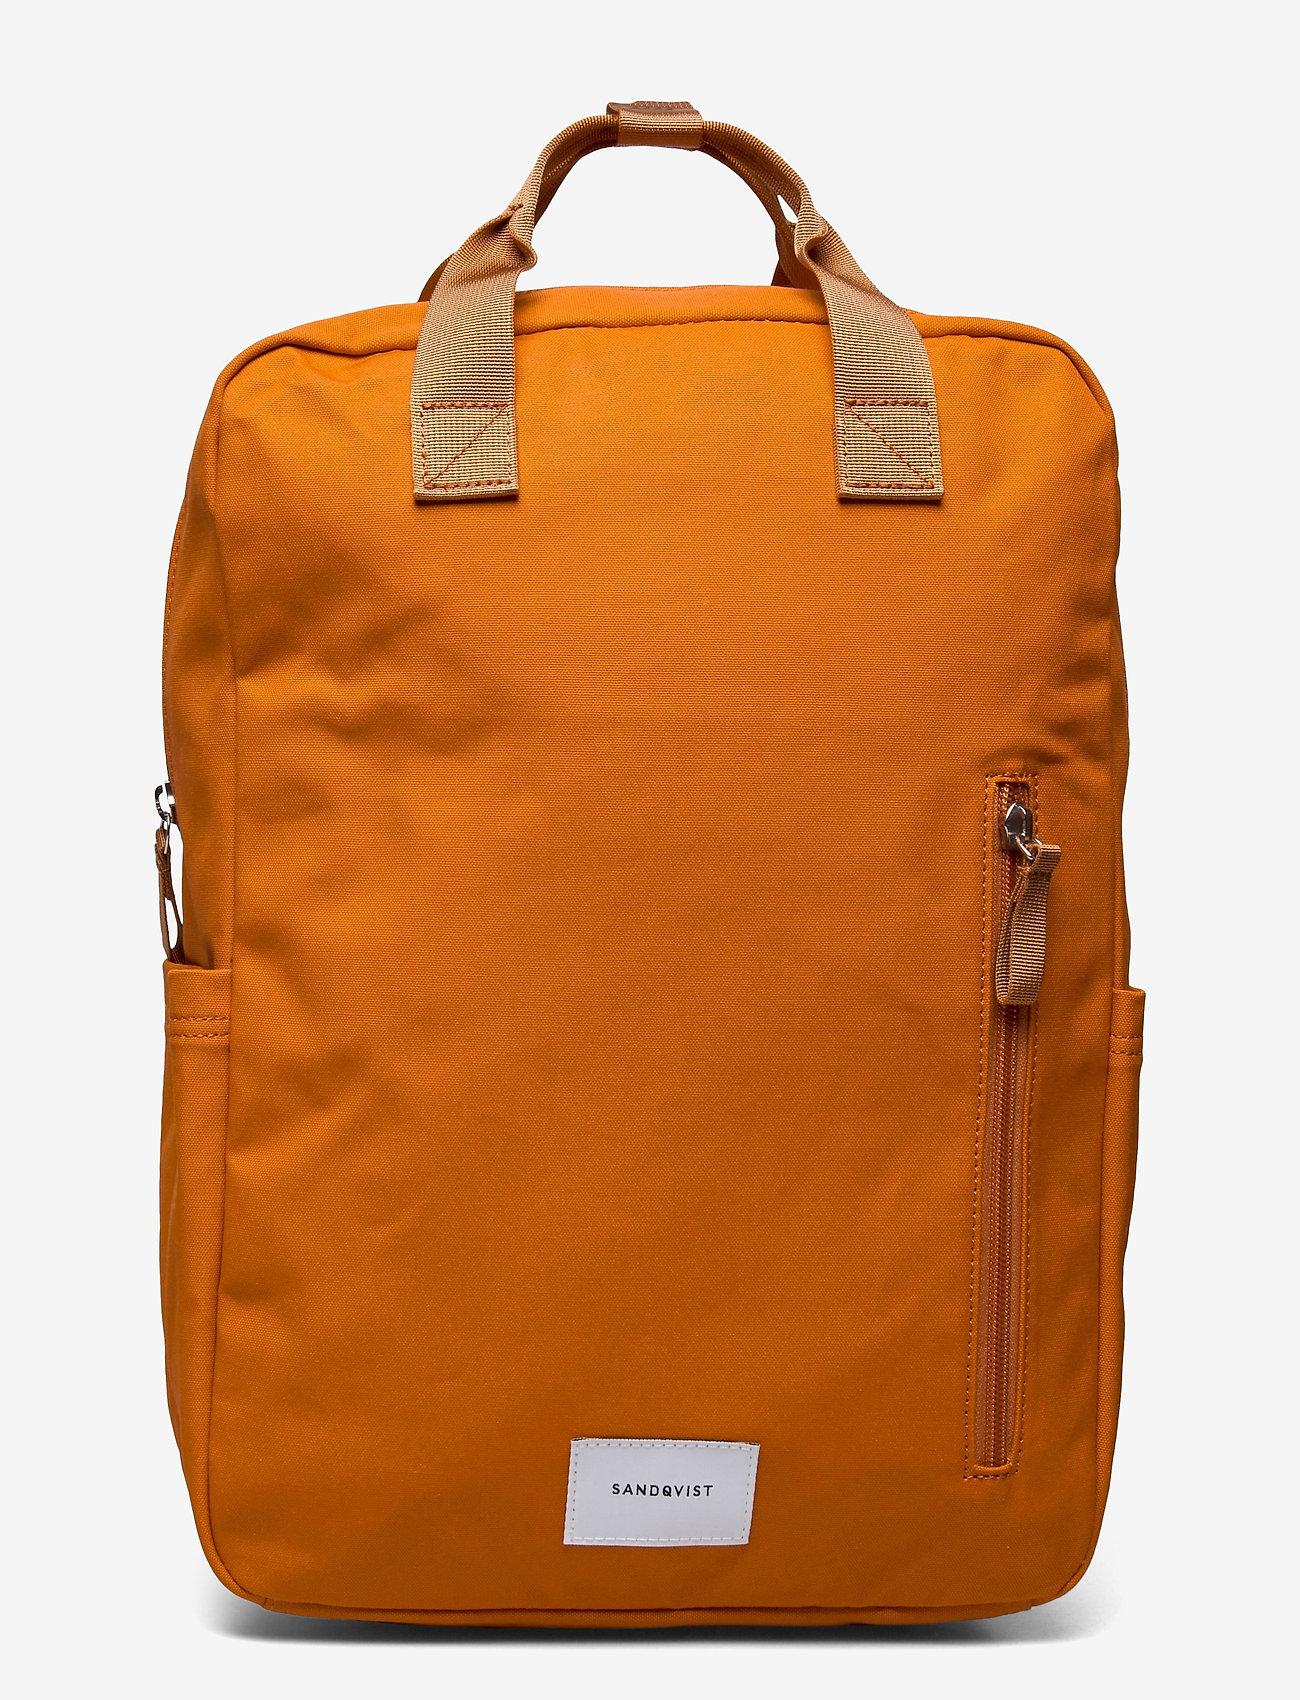 SANDQVIST - KNUT - tassen - burnt orange with orange webbing - 0